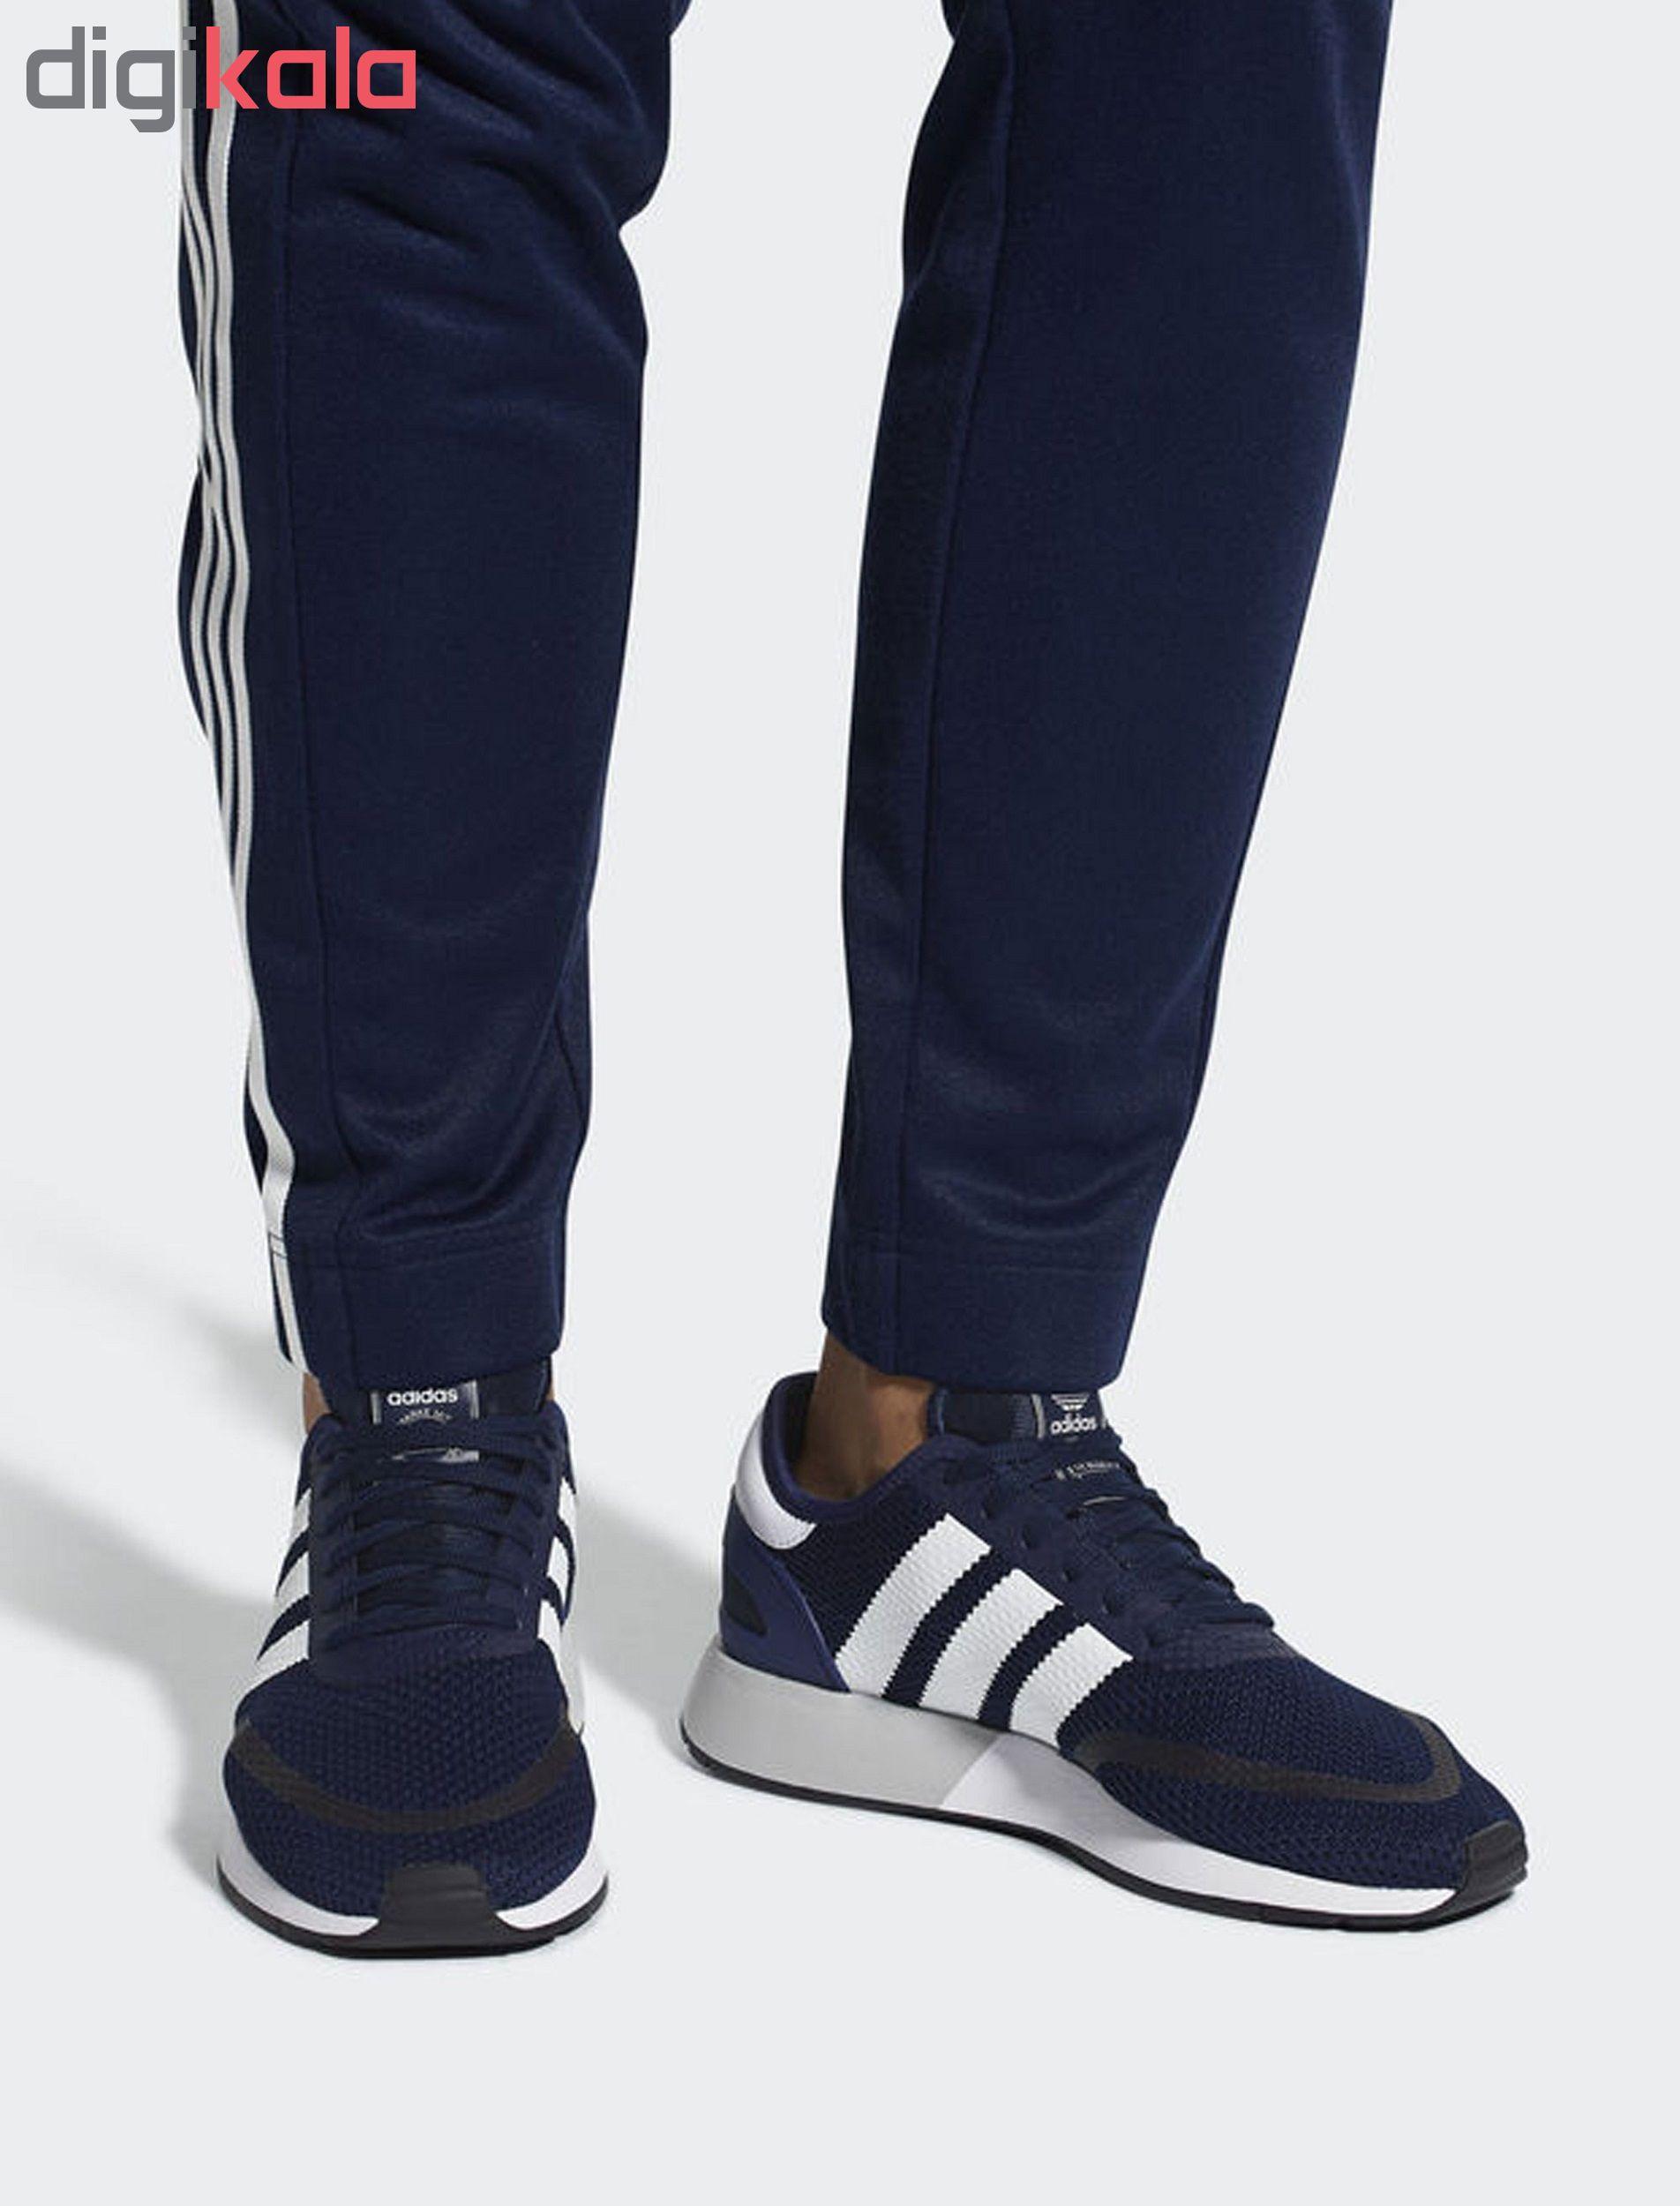 کفش راحتی مردانه آدیداس مدل N-5923 کد DB0961